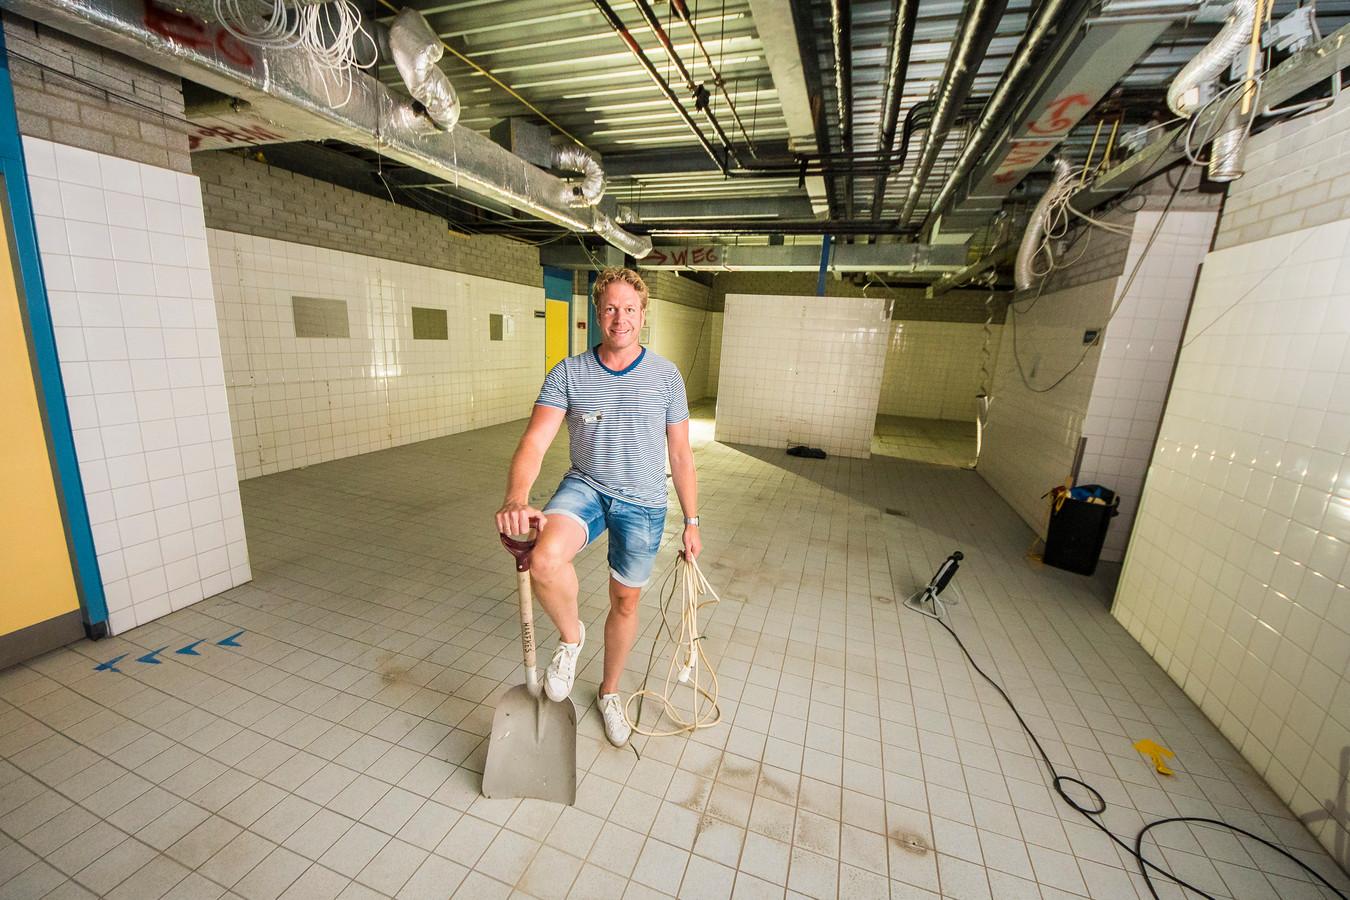 Vorig jaar werd het zwembad flink opgeknapt. Hier staat Tom ter Bruggen in een nog te renoveren kleedkamer.